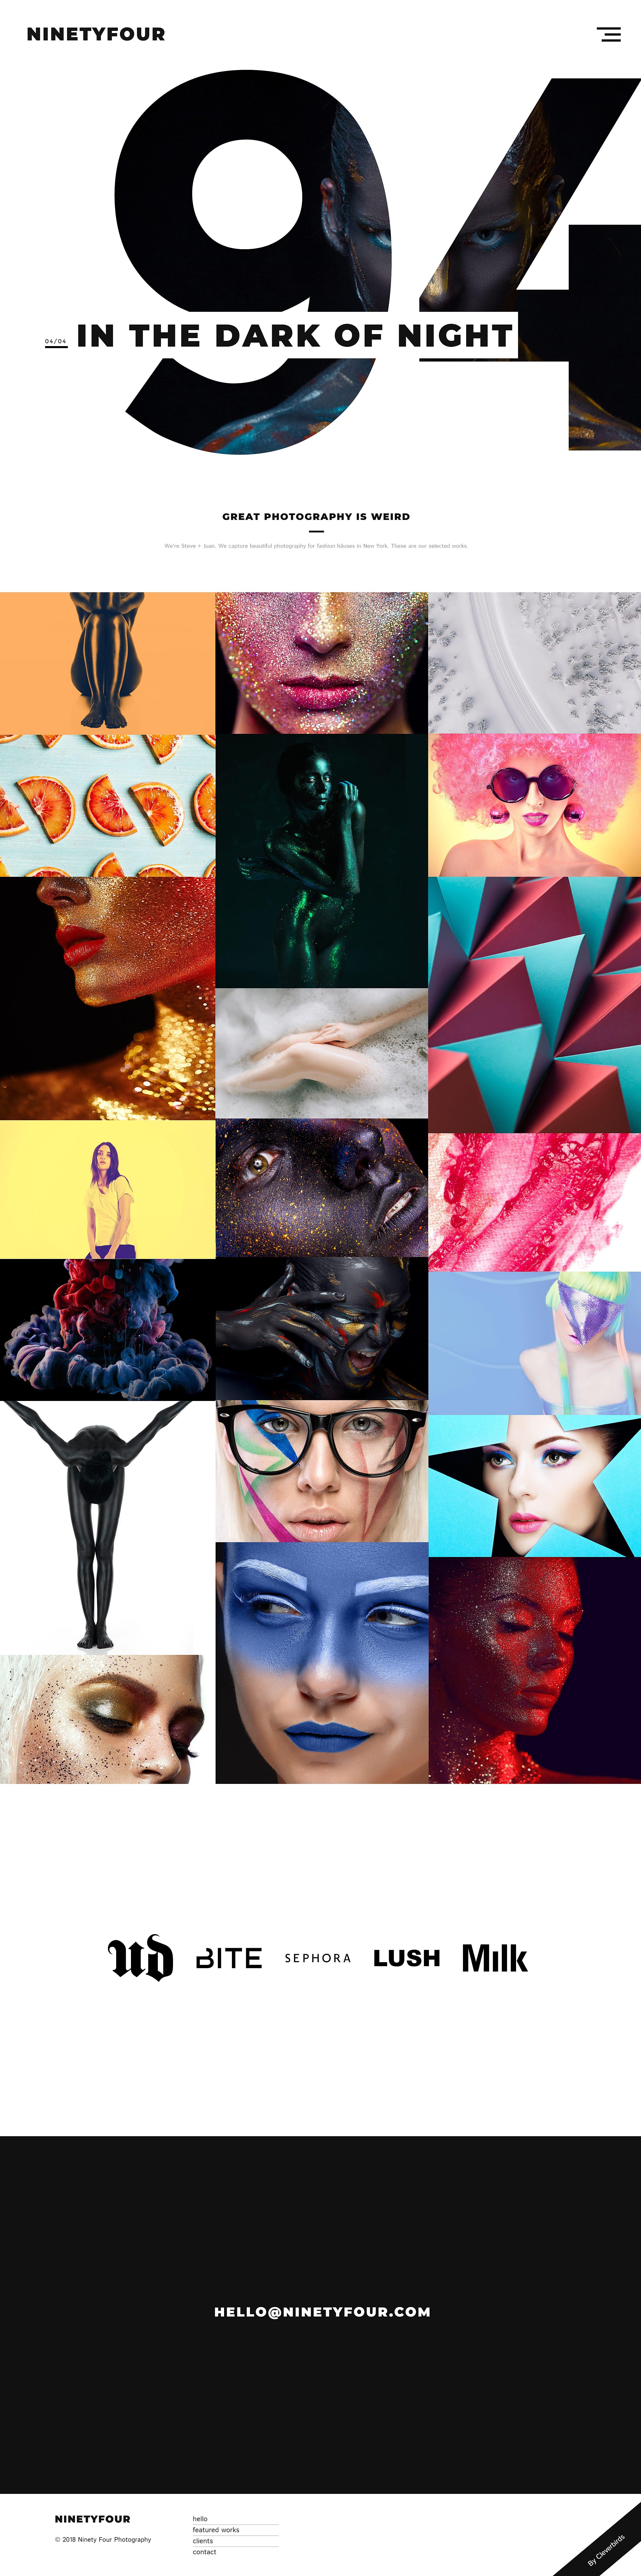 94 Photography Website Screenshot